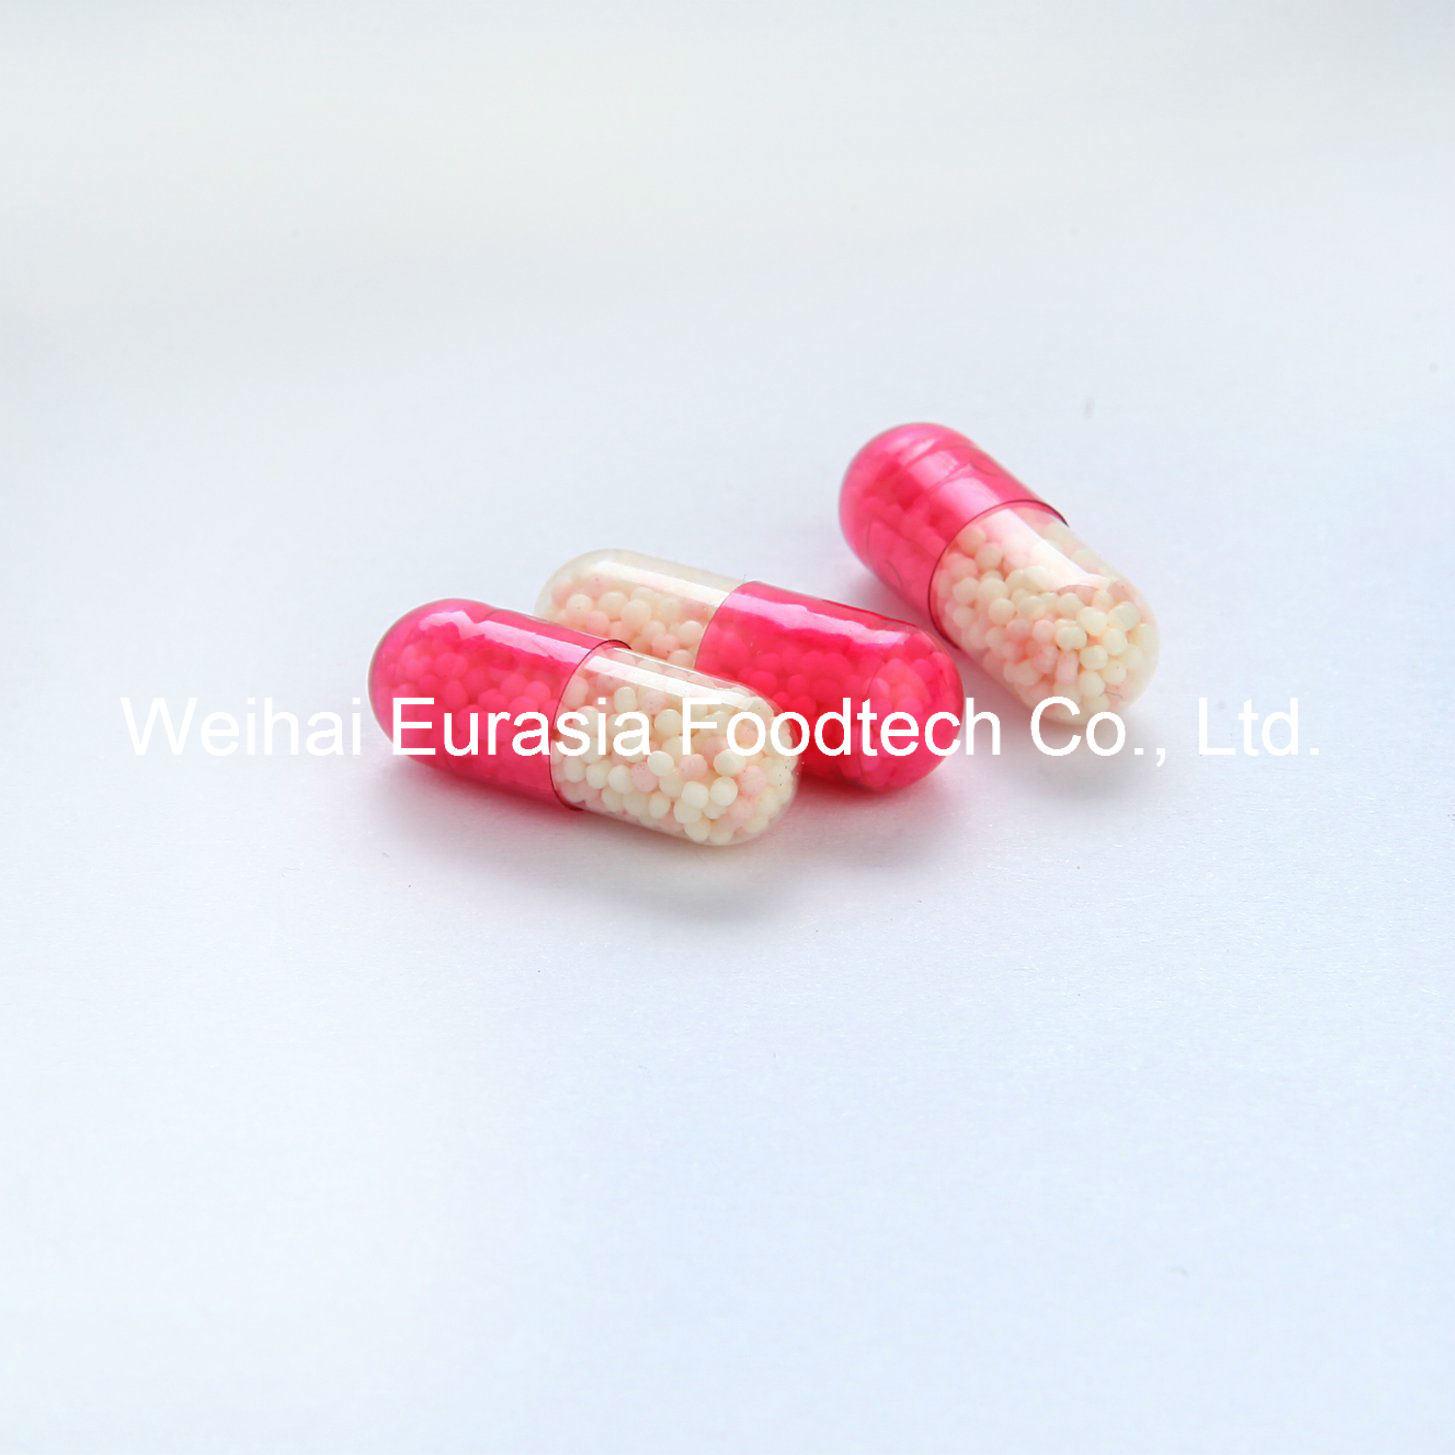 Chromium Picolinate Sustained-Release Capsules